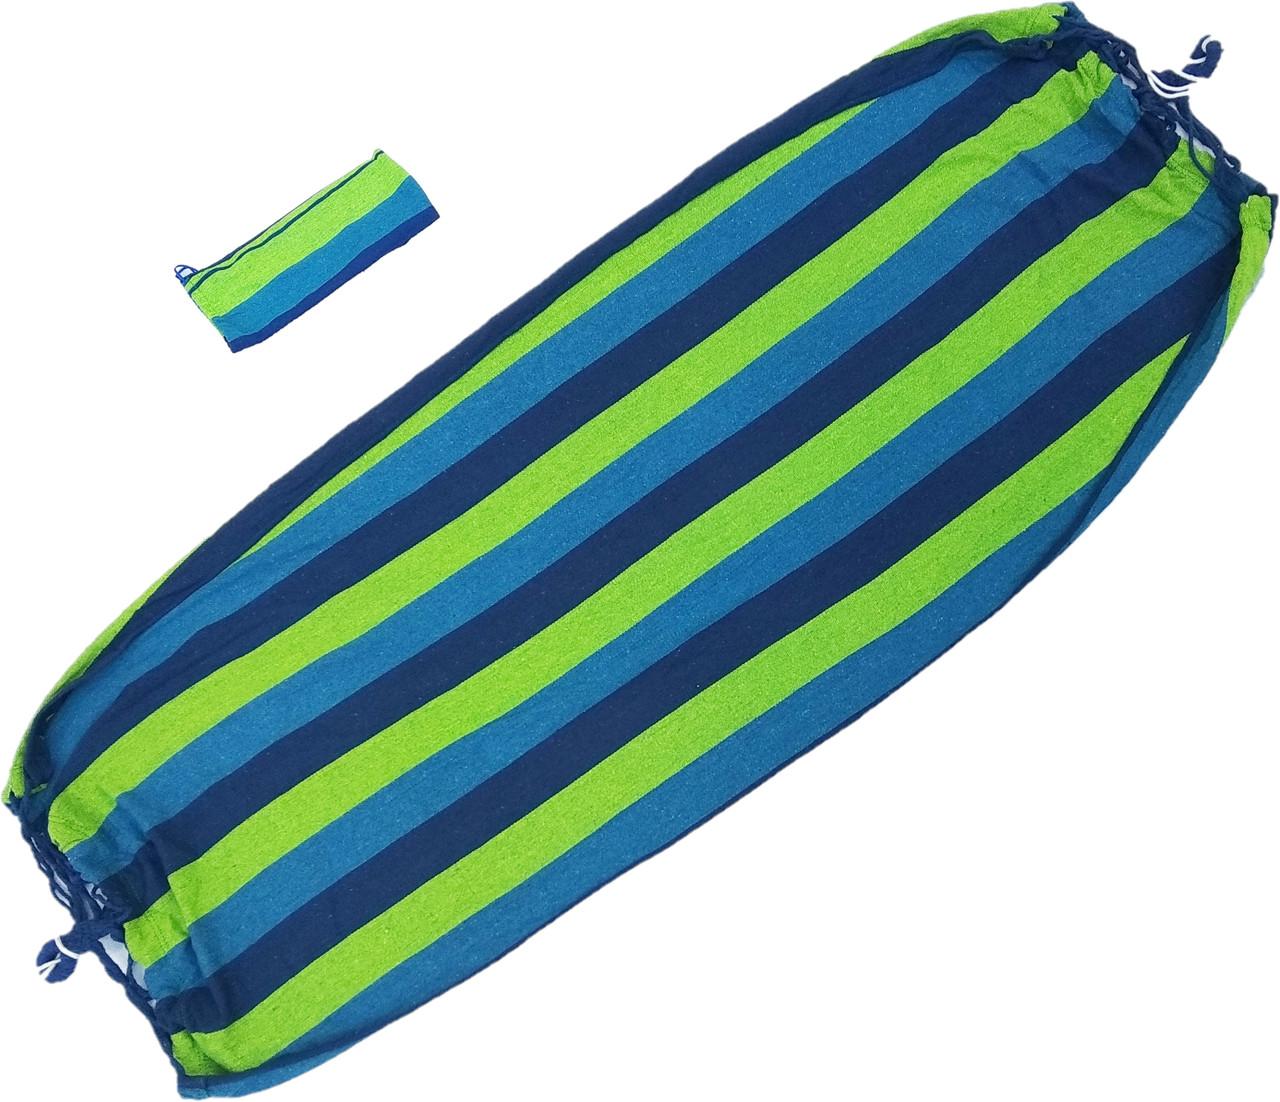 Гамак мексиканский ткань х/б с креплениями и рюкзачком 200*80см 208 Н Сине зеленая полоска, фото 1